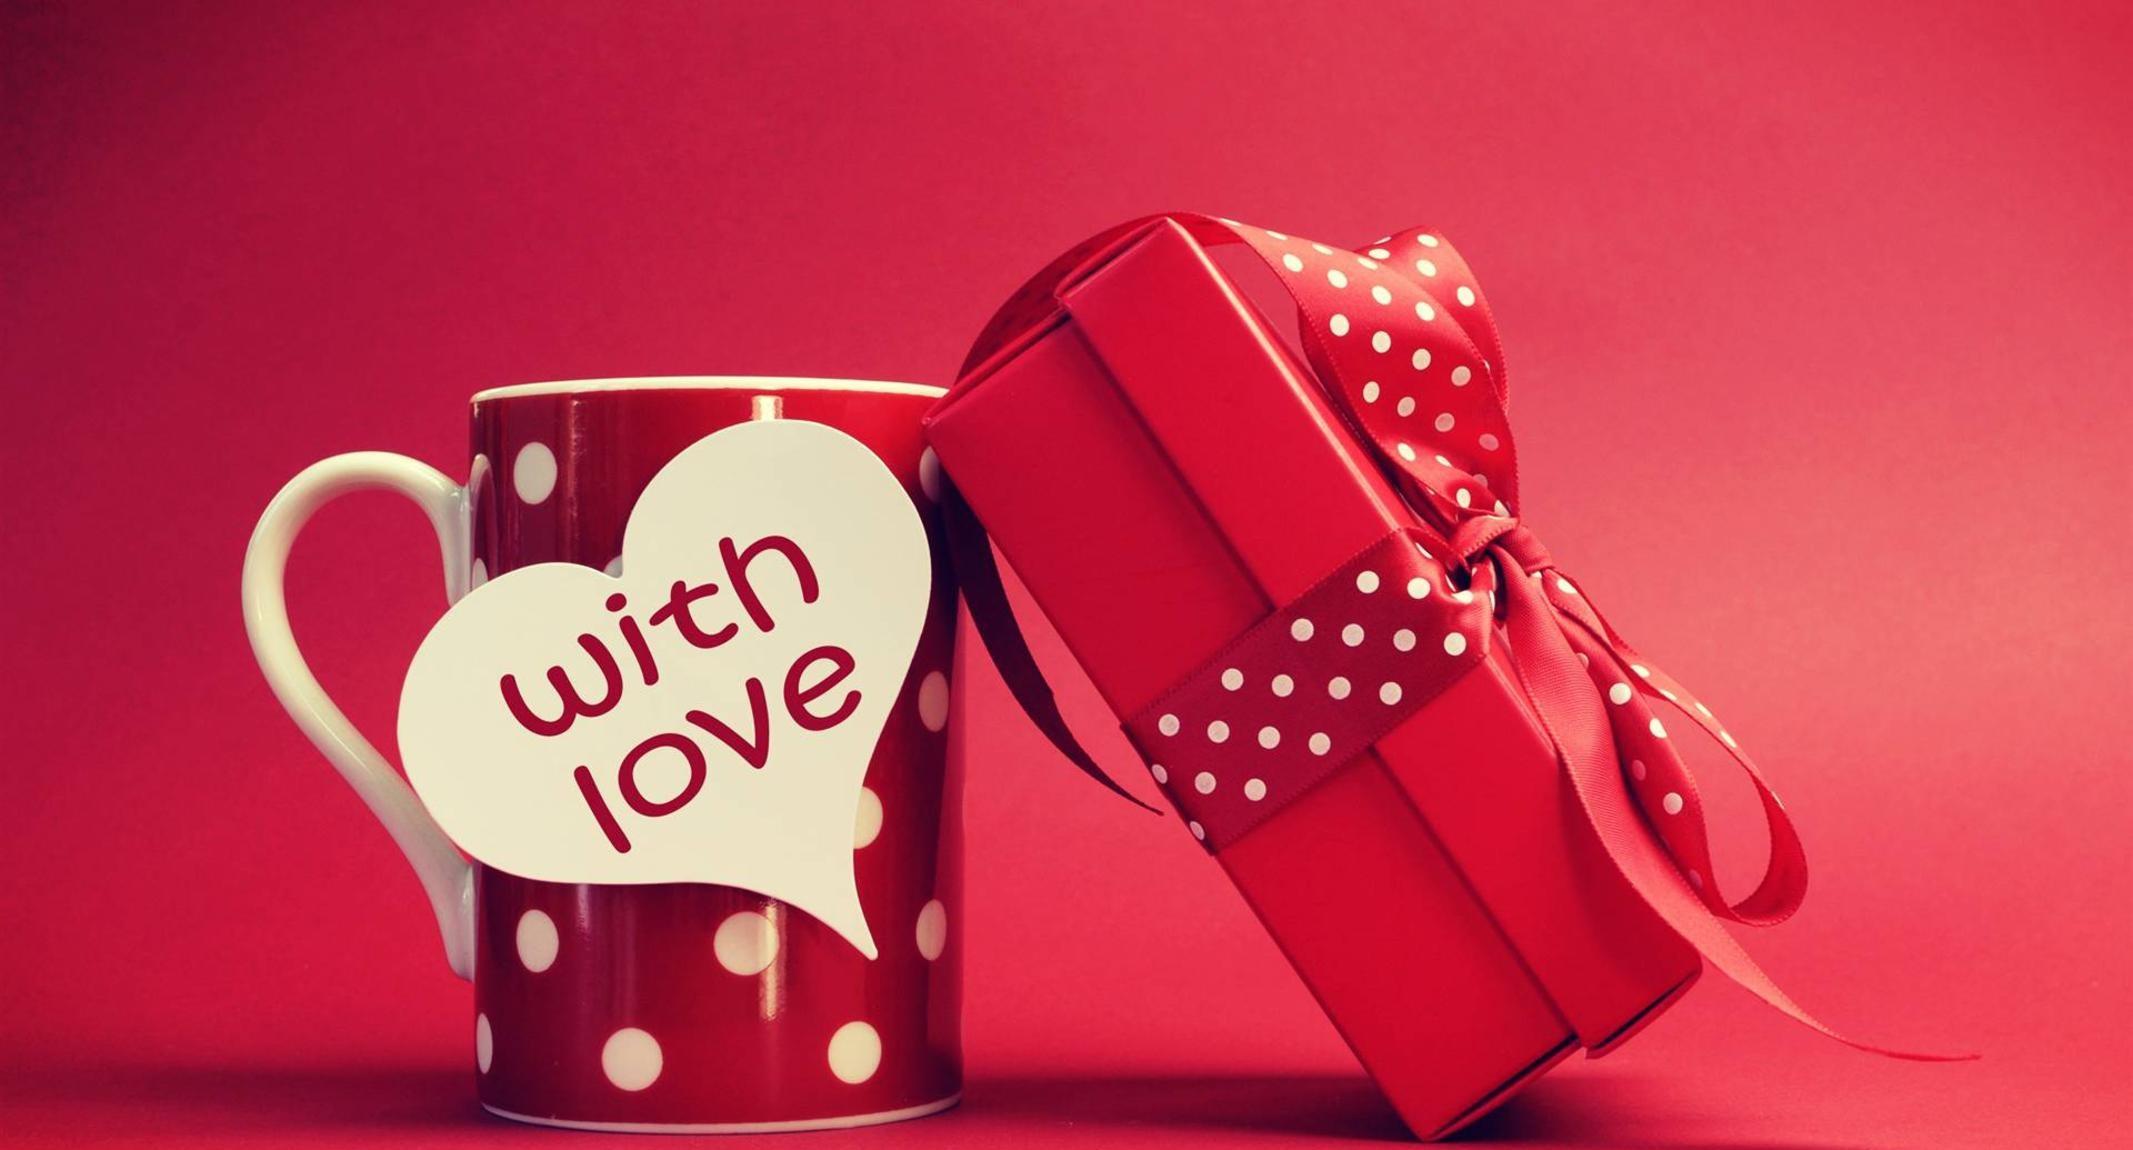 بالصور صور تصاميم عيد الحب صور ورود عيد الحب معايدات عيد الحب , بوستات ليوم العشاق 3877 3